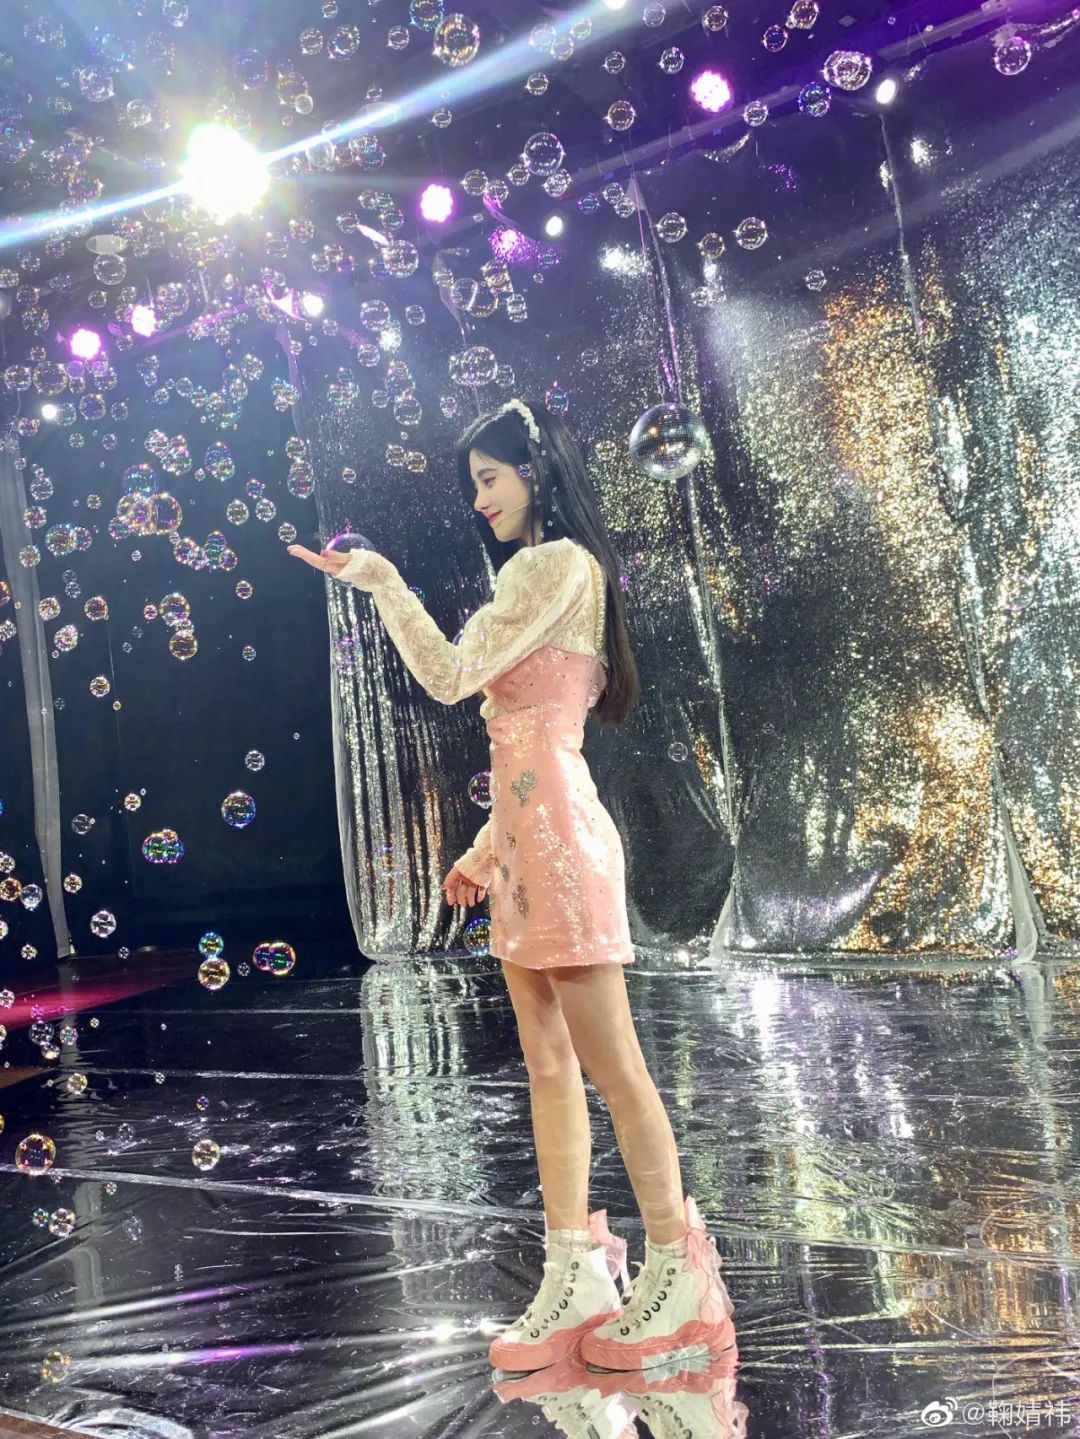 妹子写真 -美少女鞠婧祎和日本演员三吉彩花,你喜欢哪位呢?_图片 No.21